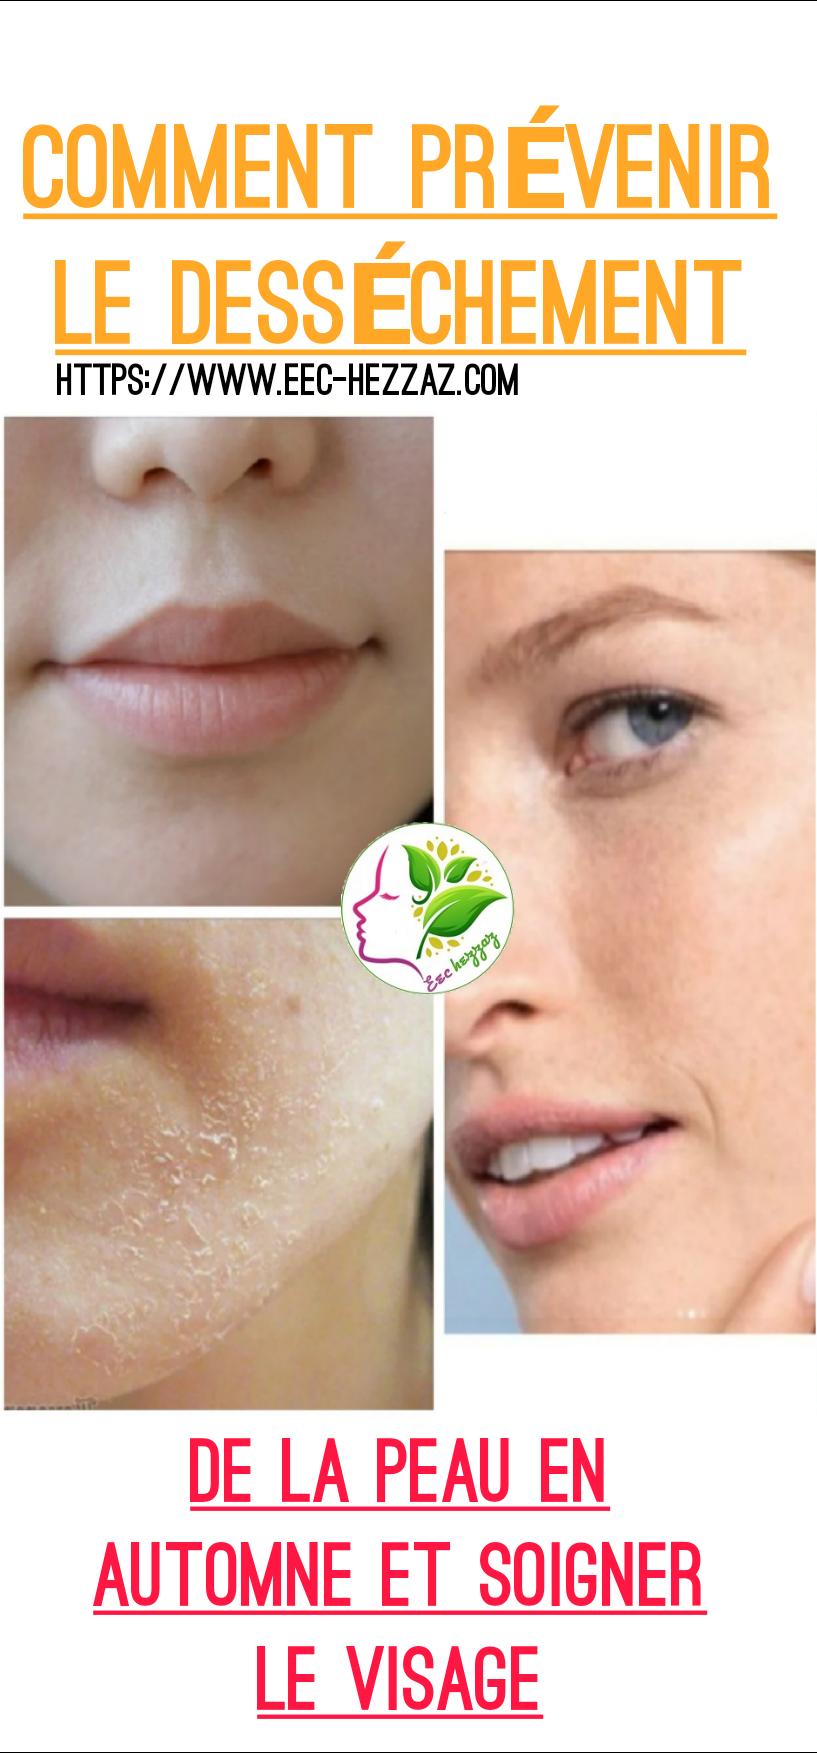 Comment prévenir le dessèchement de la peau en automne et soigner le visage